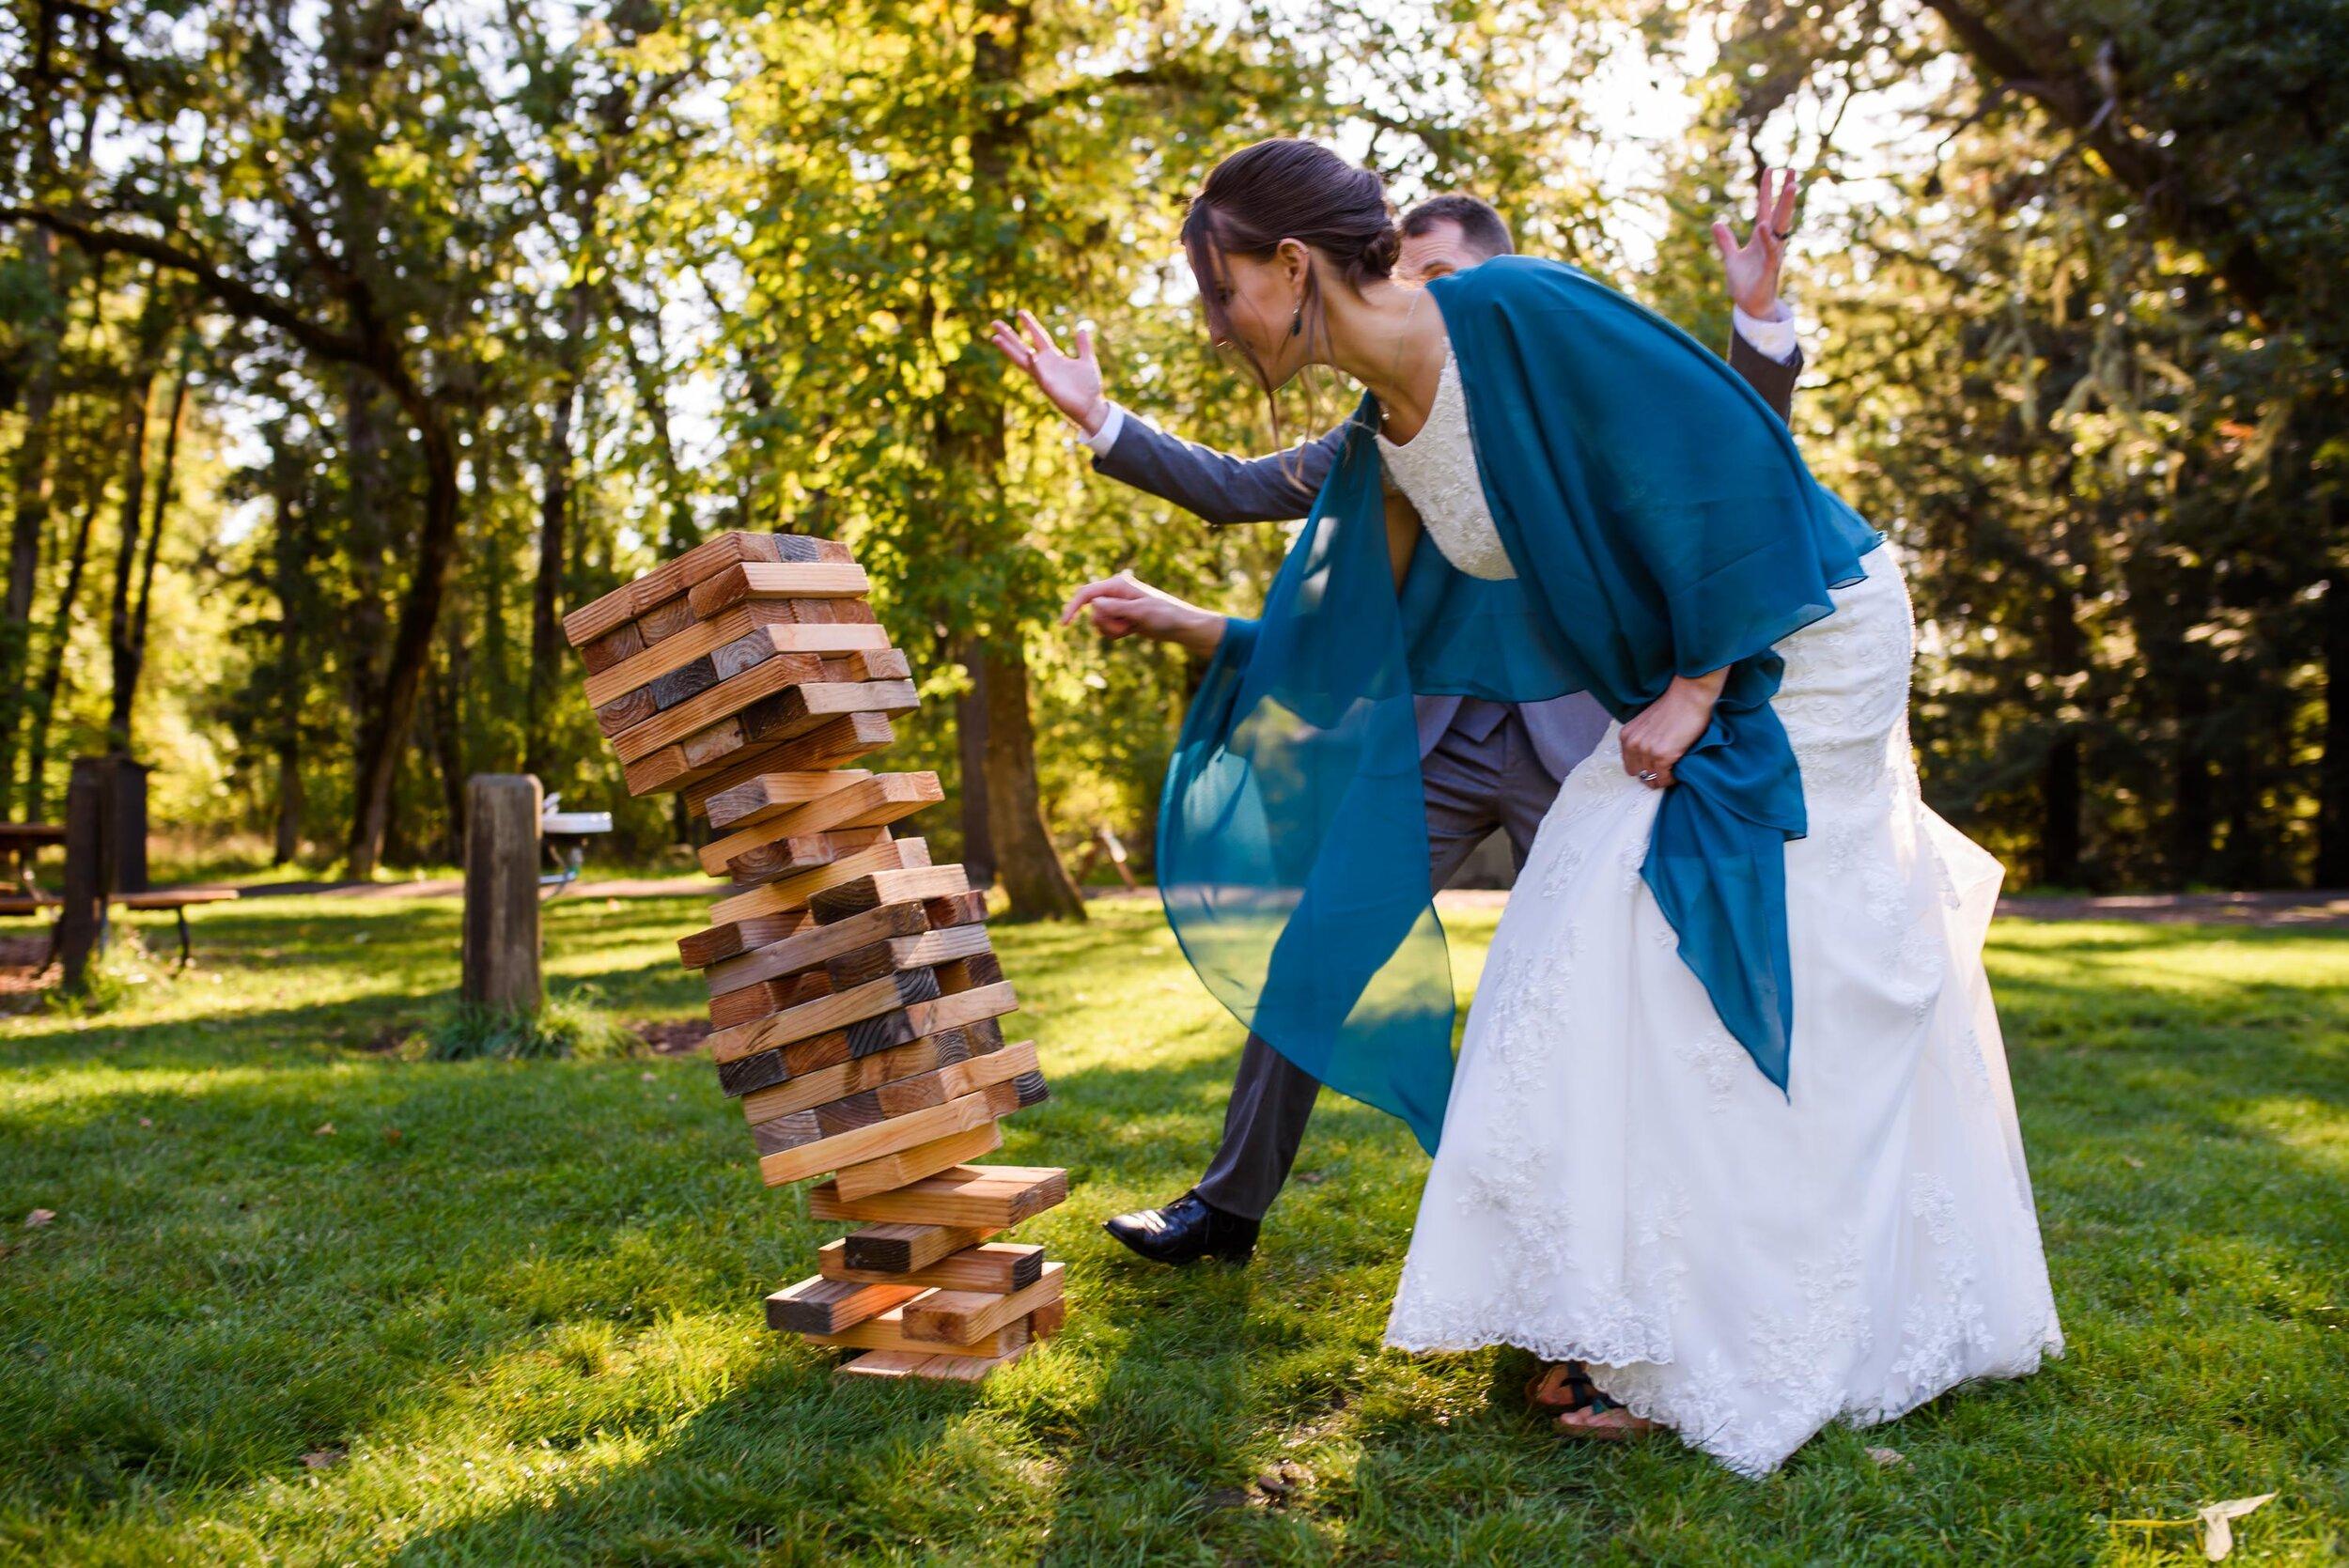 Mt. Pisgah Arboretum wedding photos 92.JPG